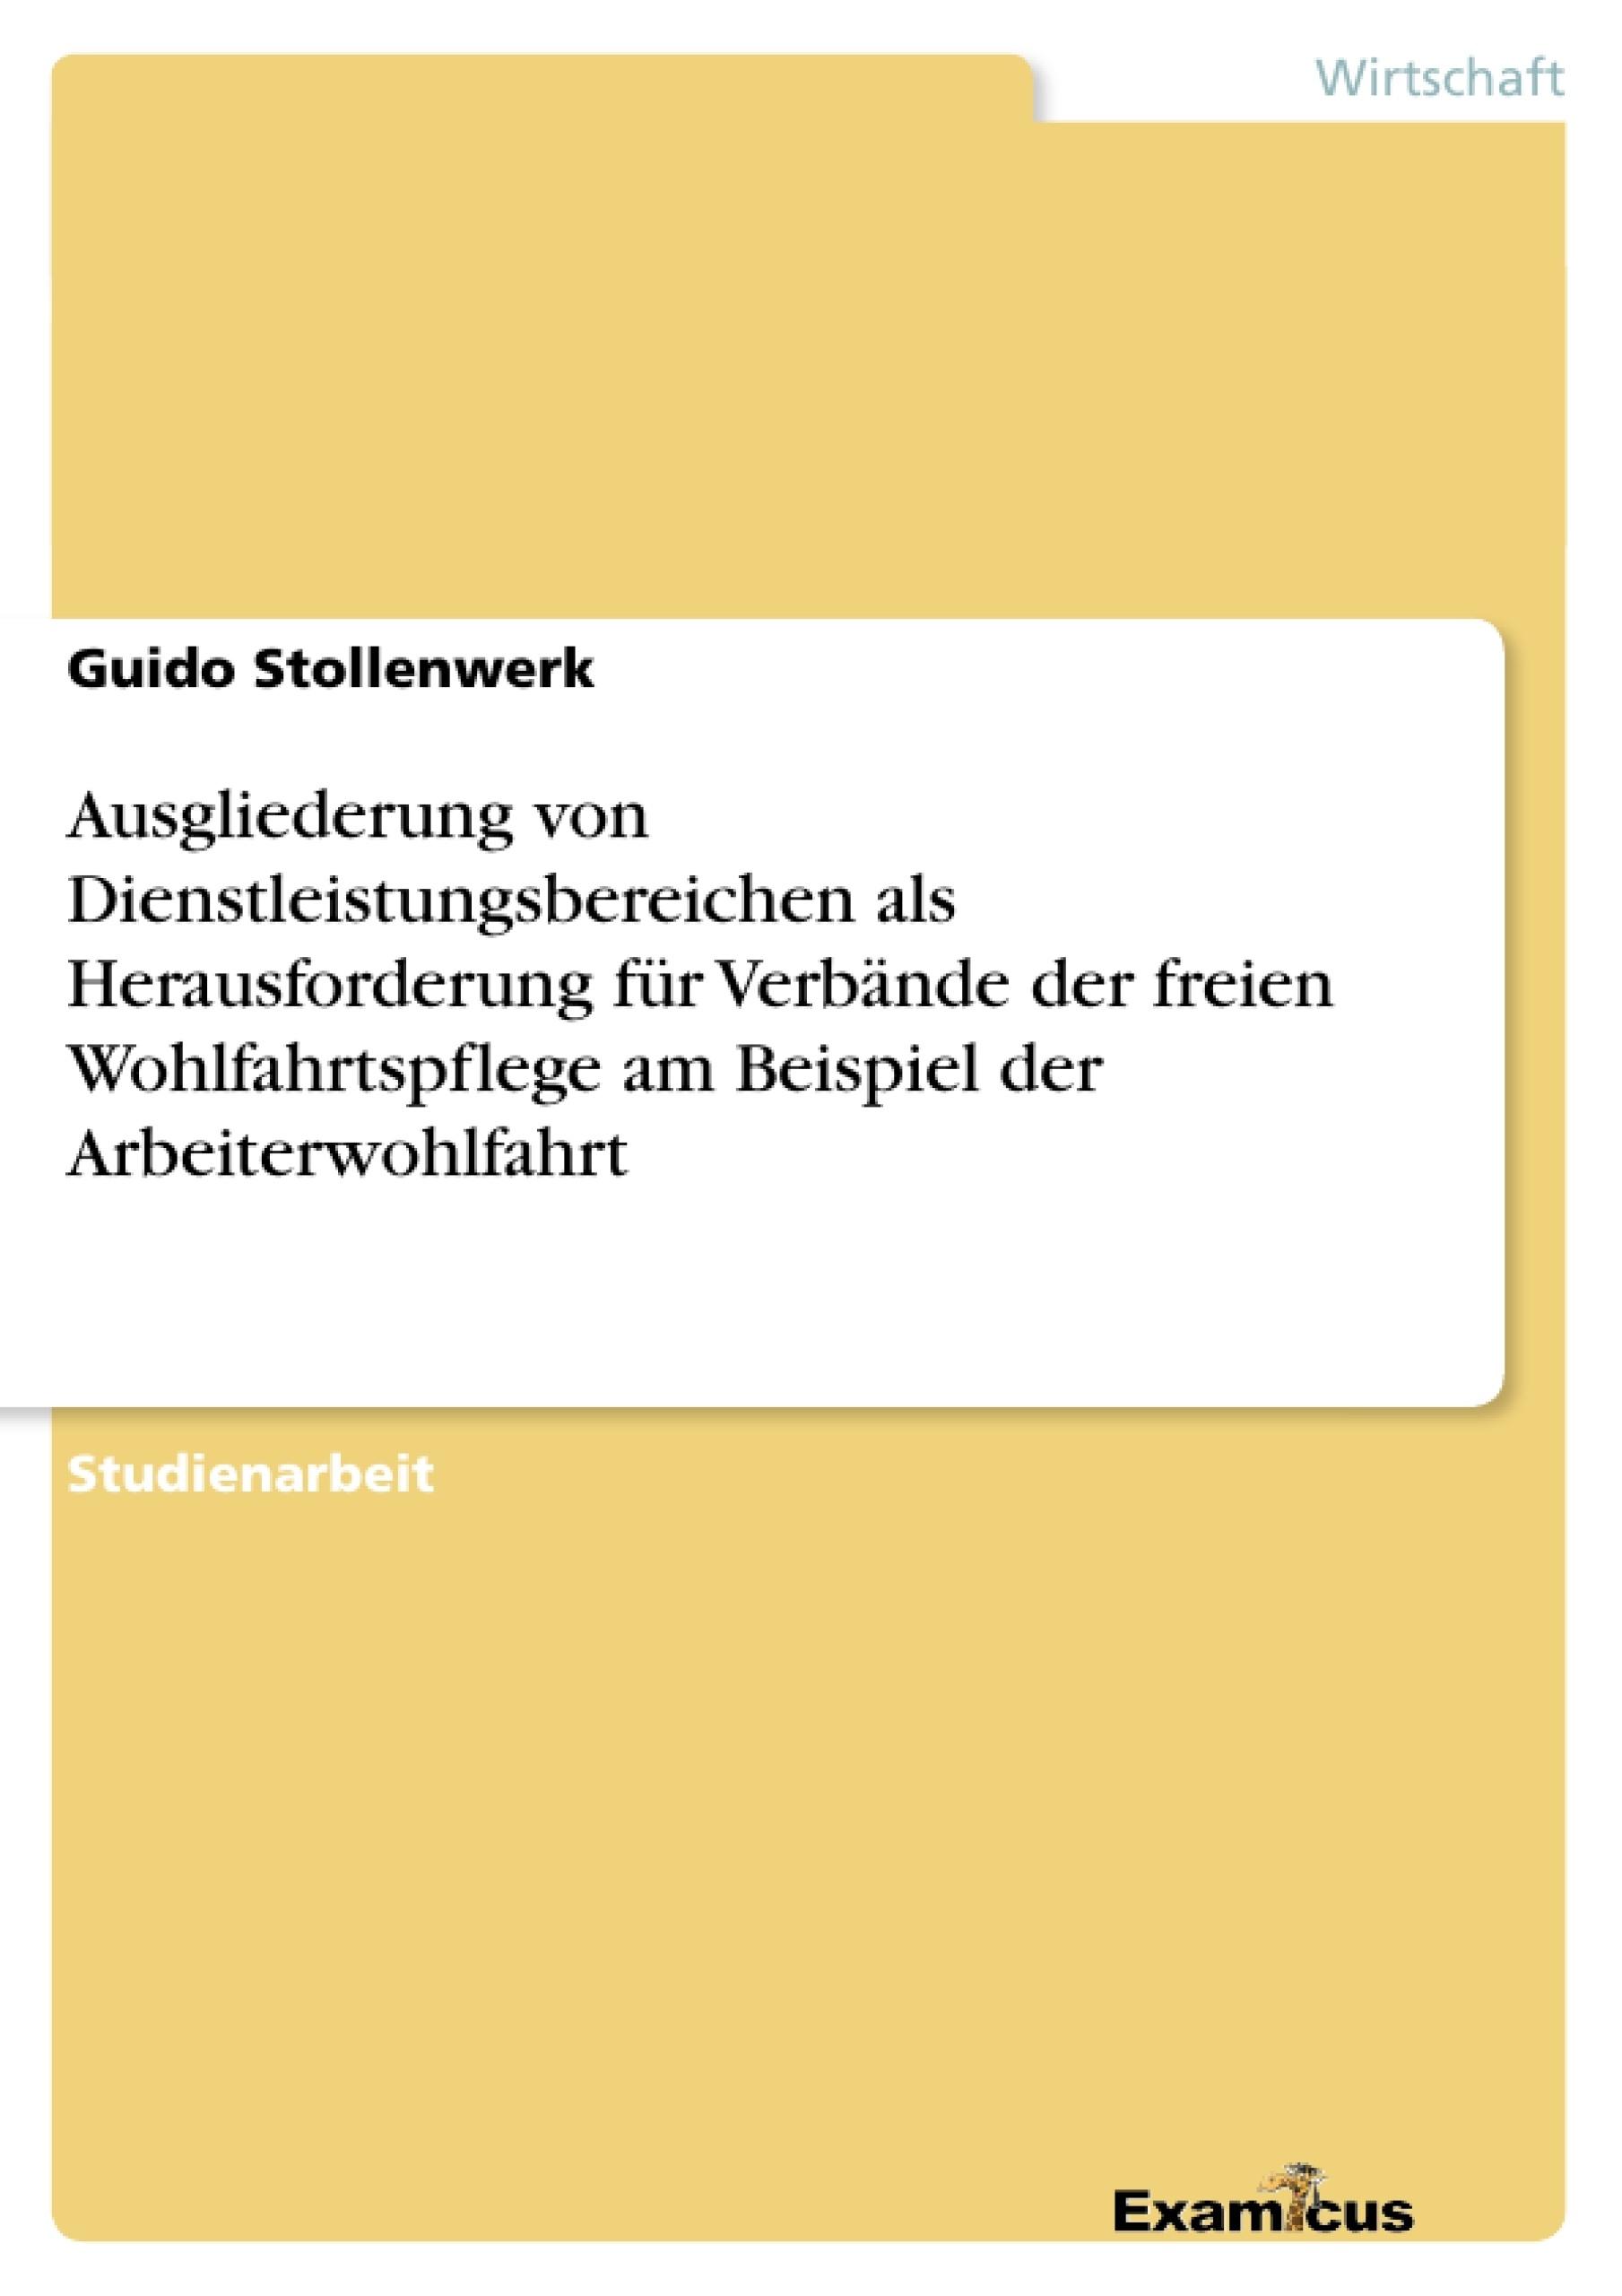 Titel: Ausgliederung von Dienstleistungsbereichen als Herausforderung für Verbände der freien Wohlfahrtspflege am Beispiel der Arbeiterwohlfahrt